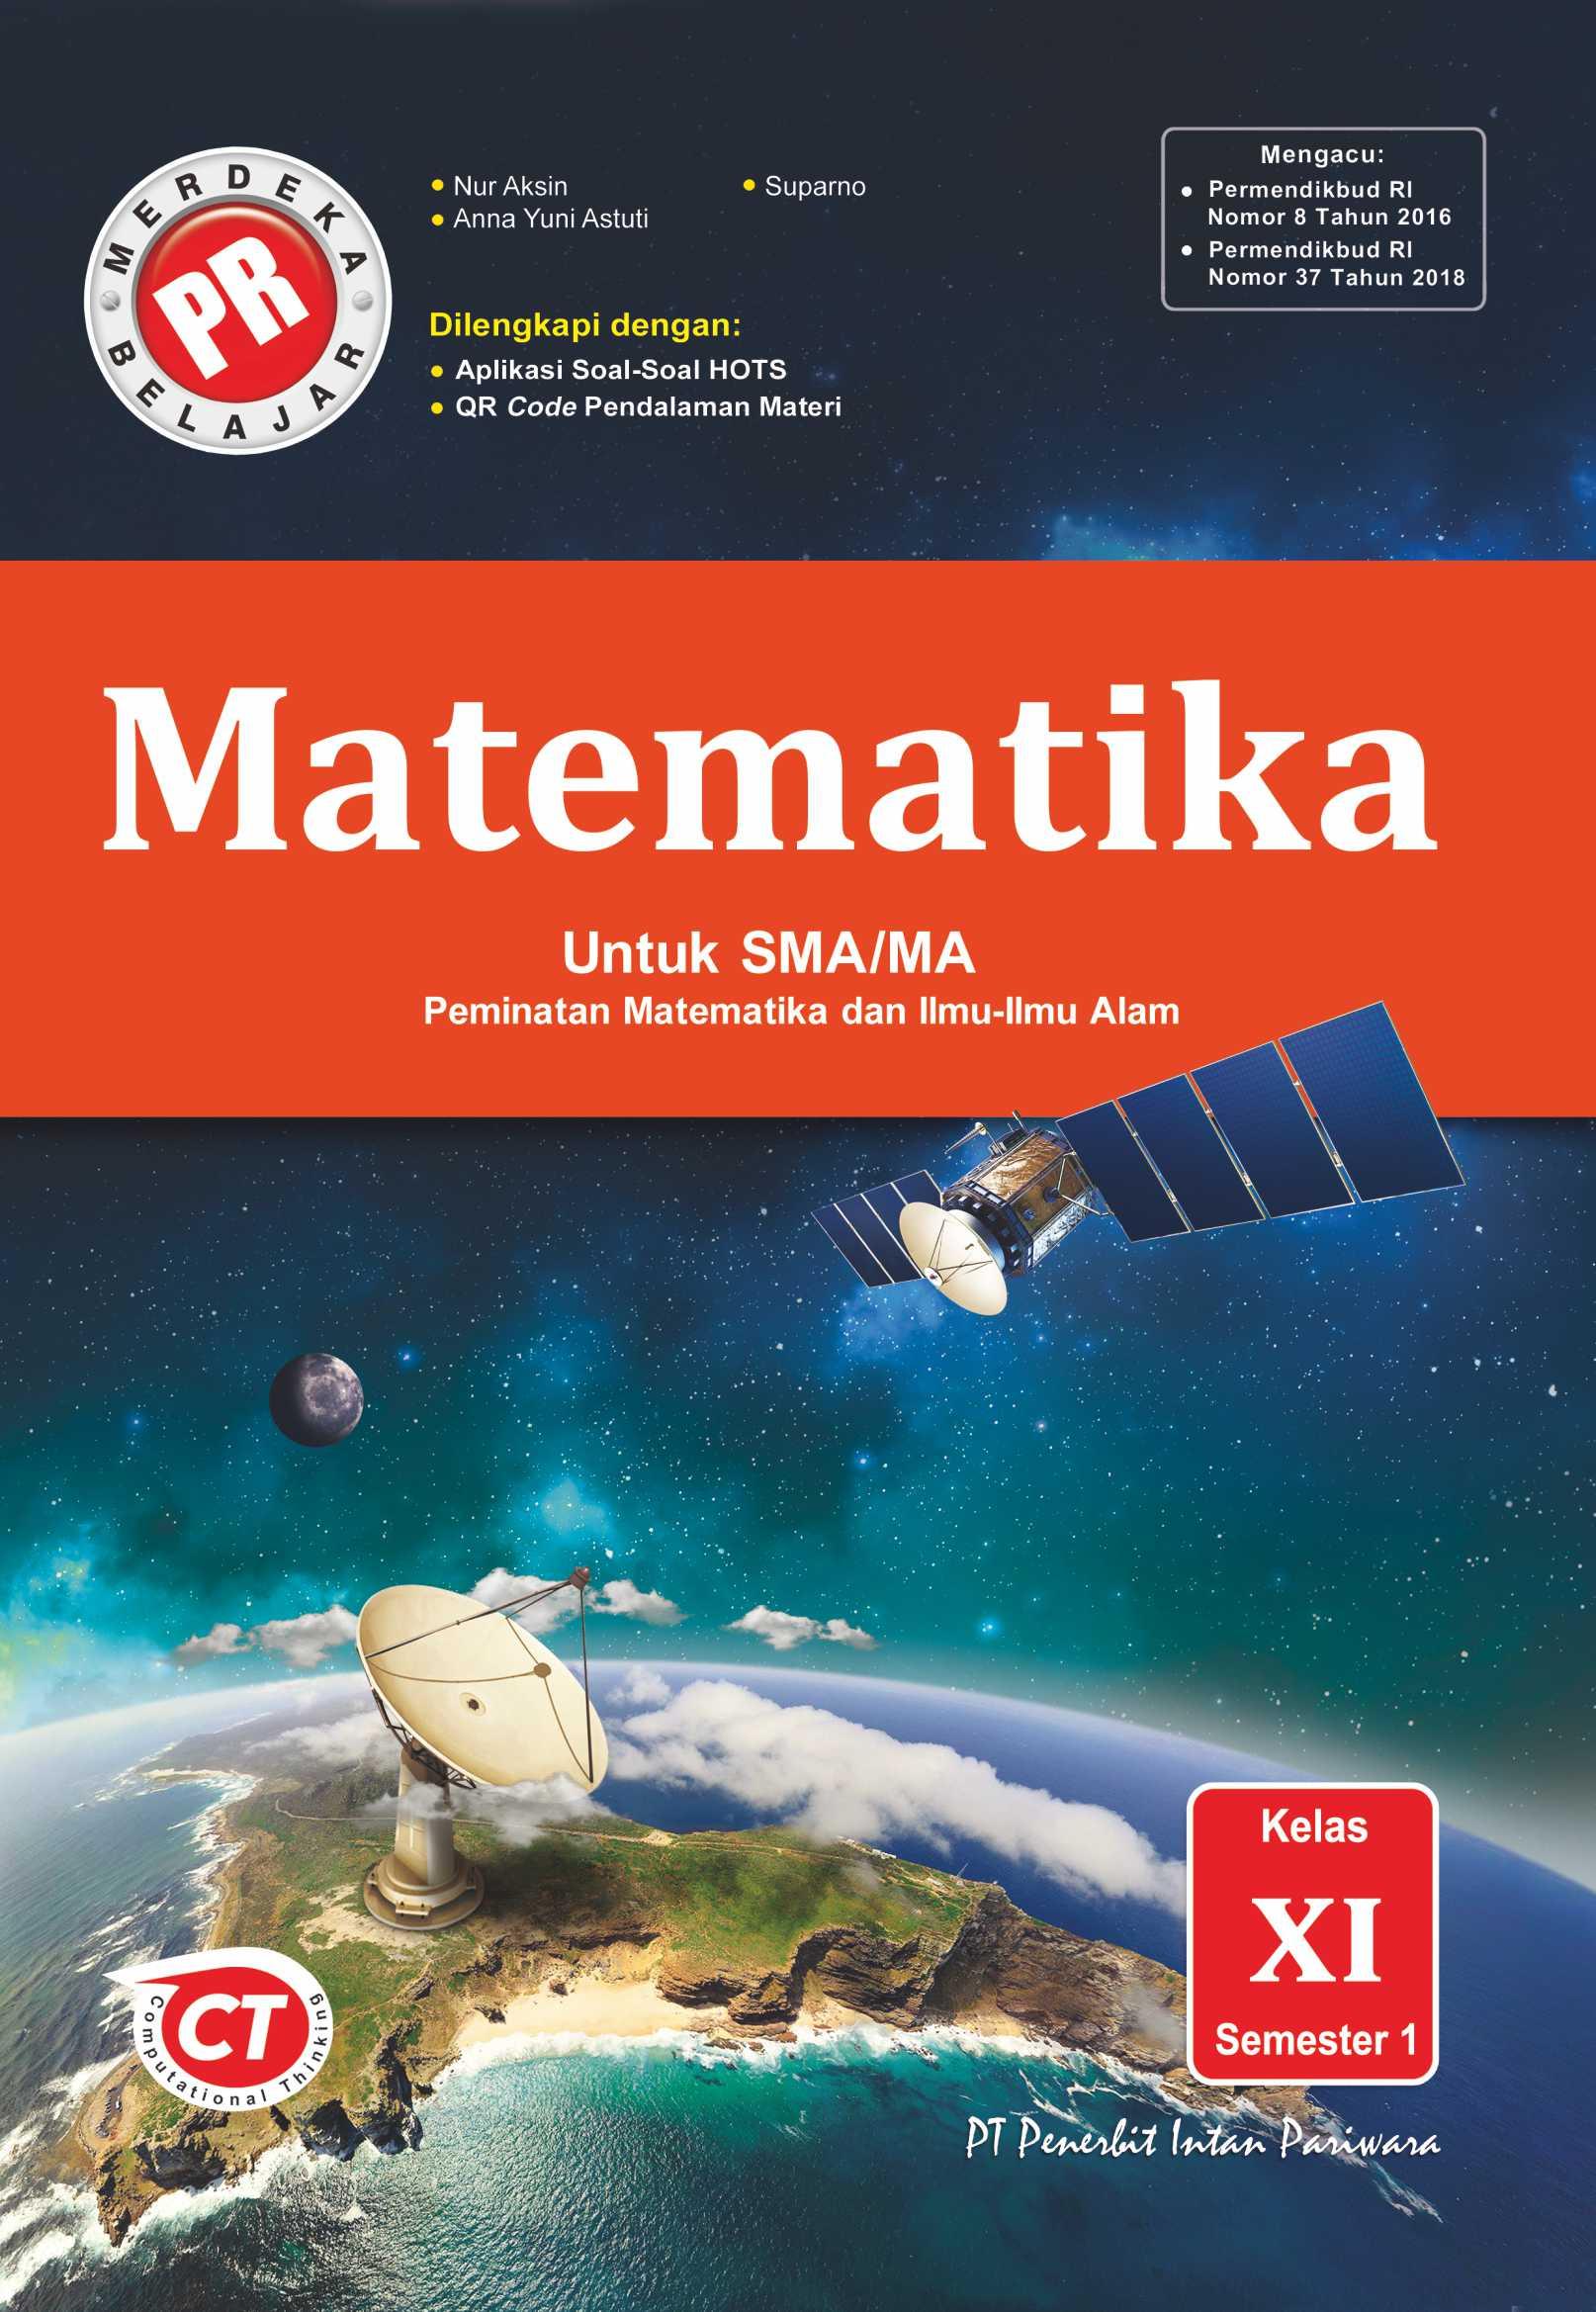 PR Matematika Peminatan XI Semester 1 Thn 2020/2021